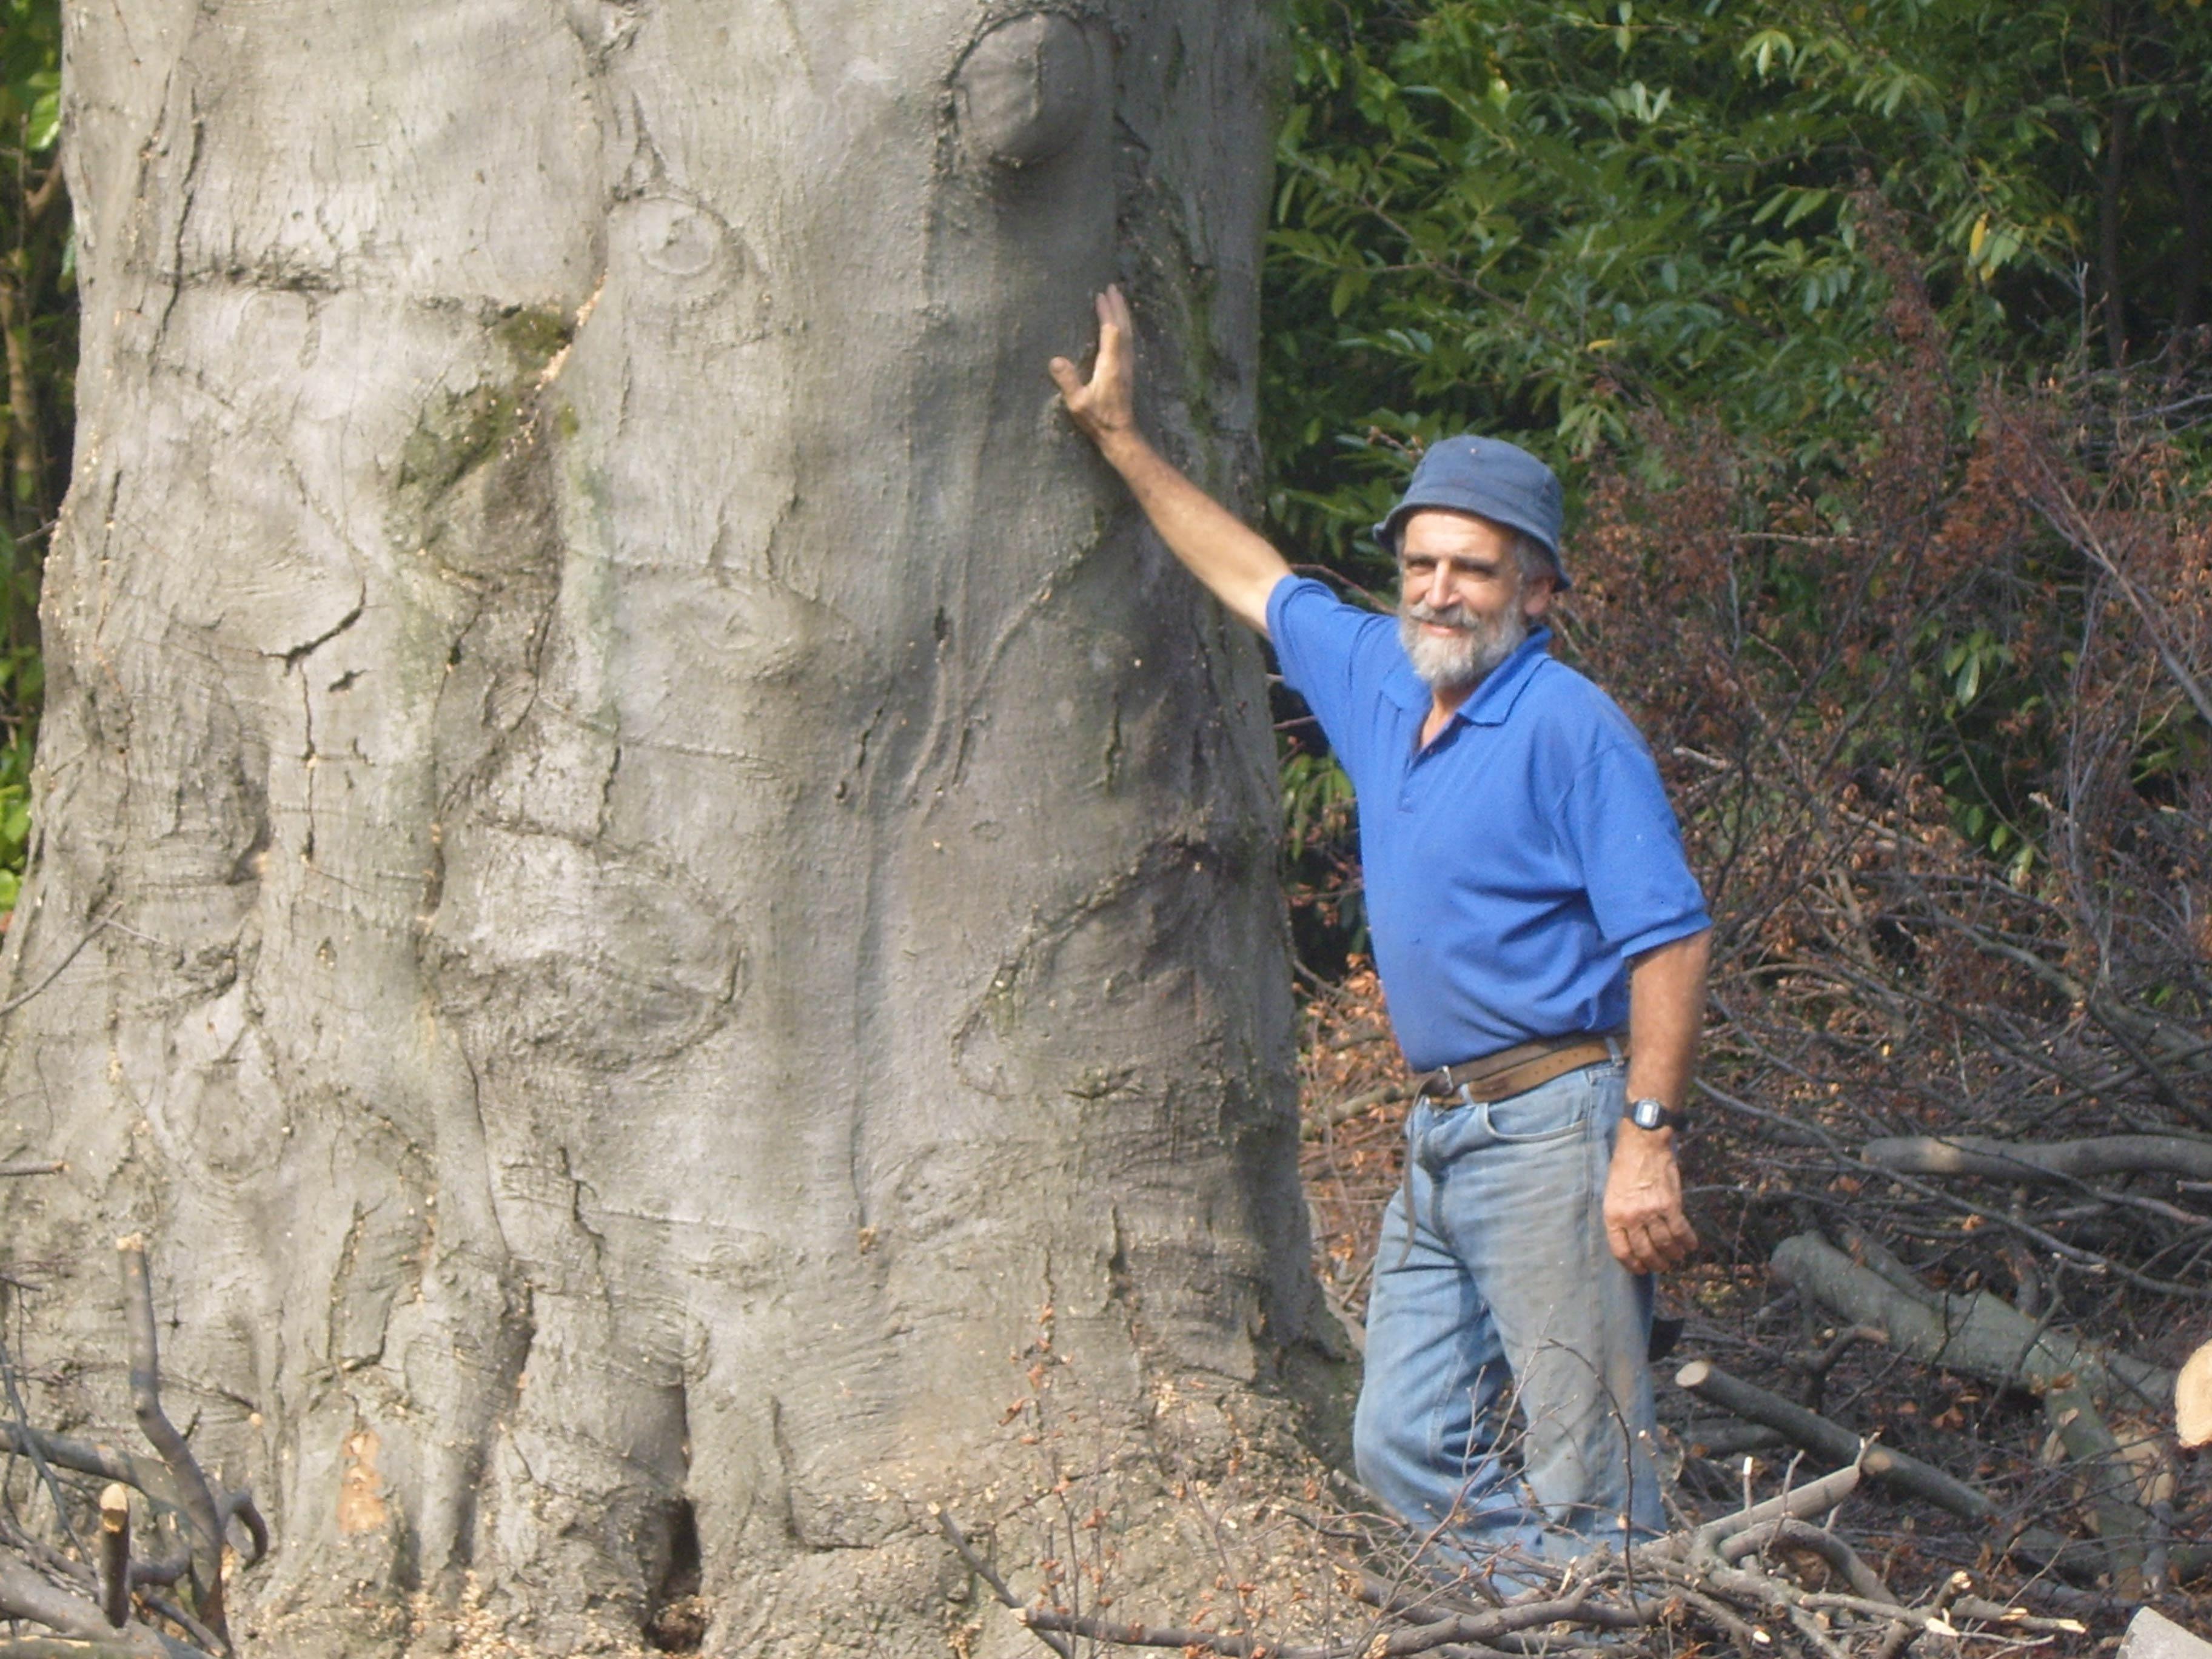 un uomo con la barba un cappellino blu scuro e una maglietta blu appoggiato a un tronco di un albero